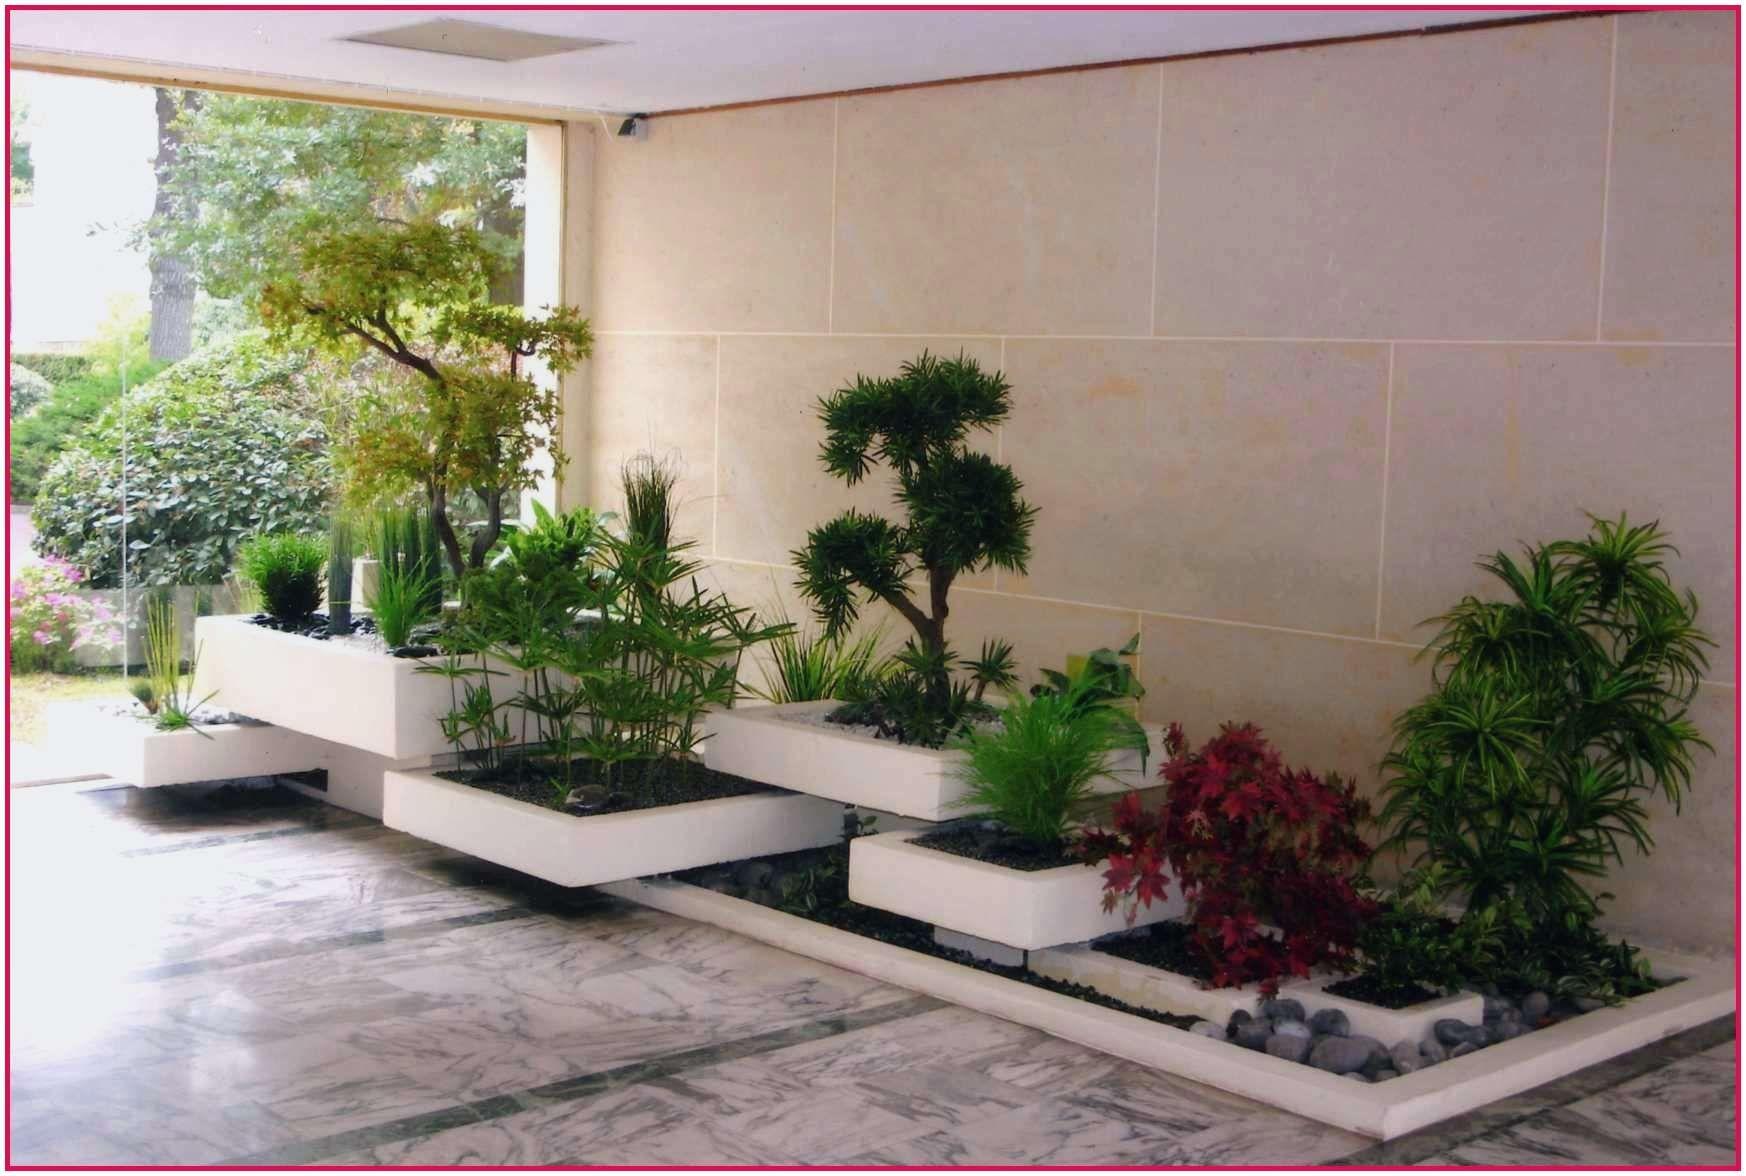 Nouveau Petit Jardin Japonais Interieur Jardin Japonais Interieur